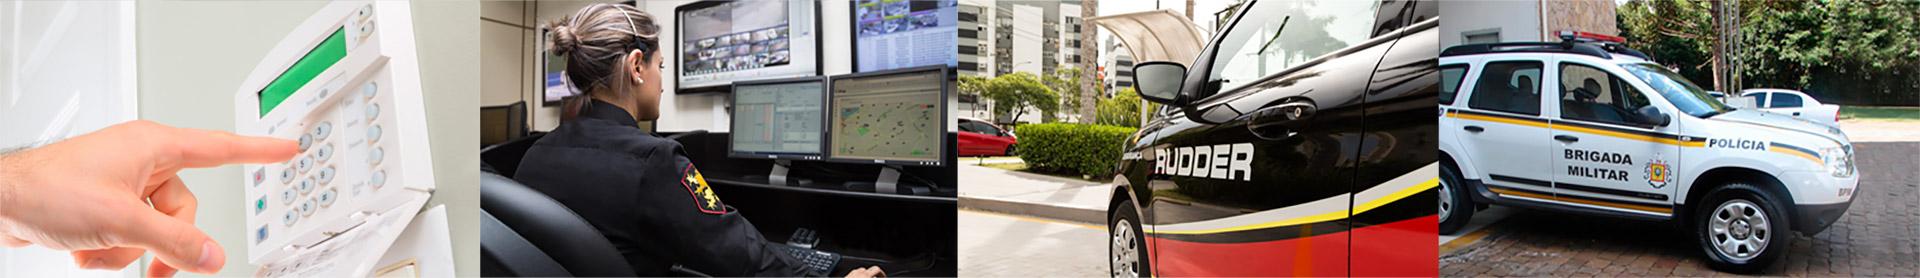 Agentes de segurança em centro de monitoramento integrado